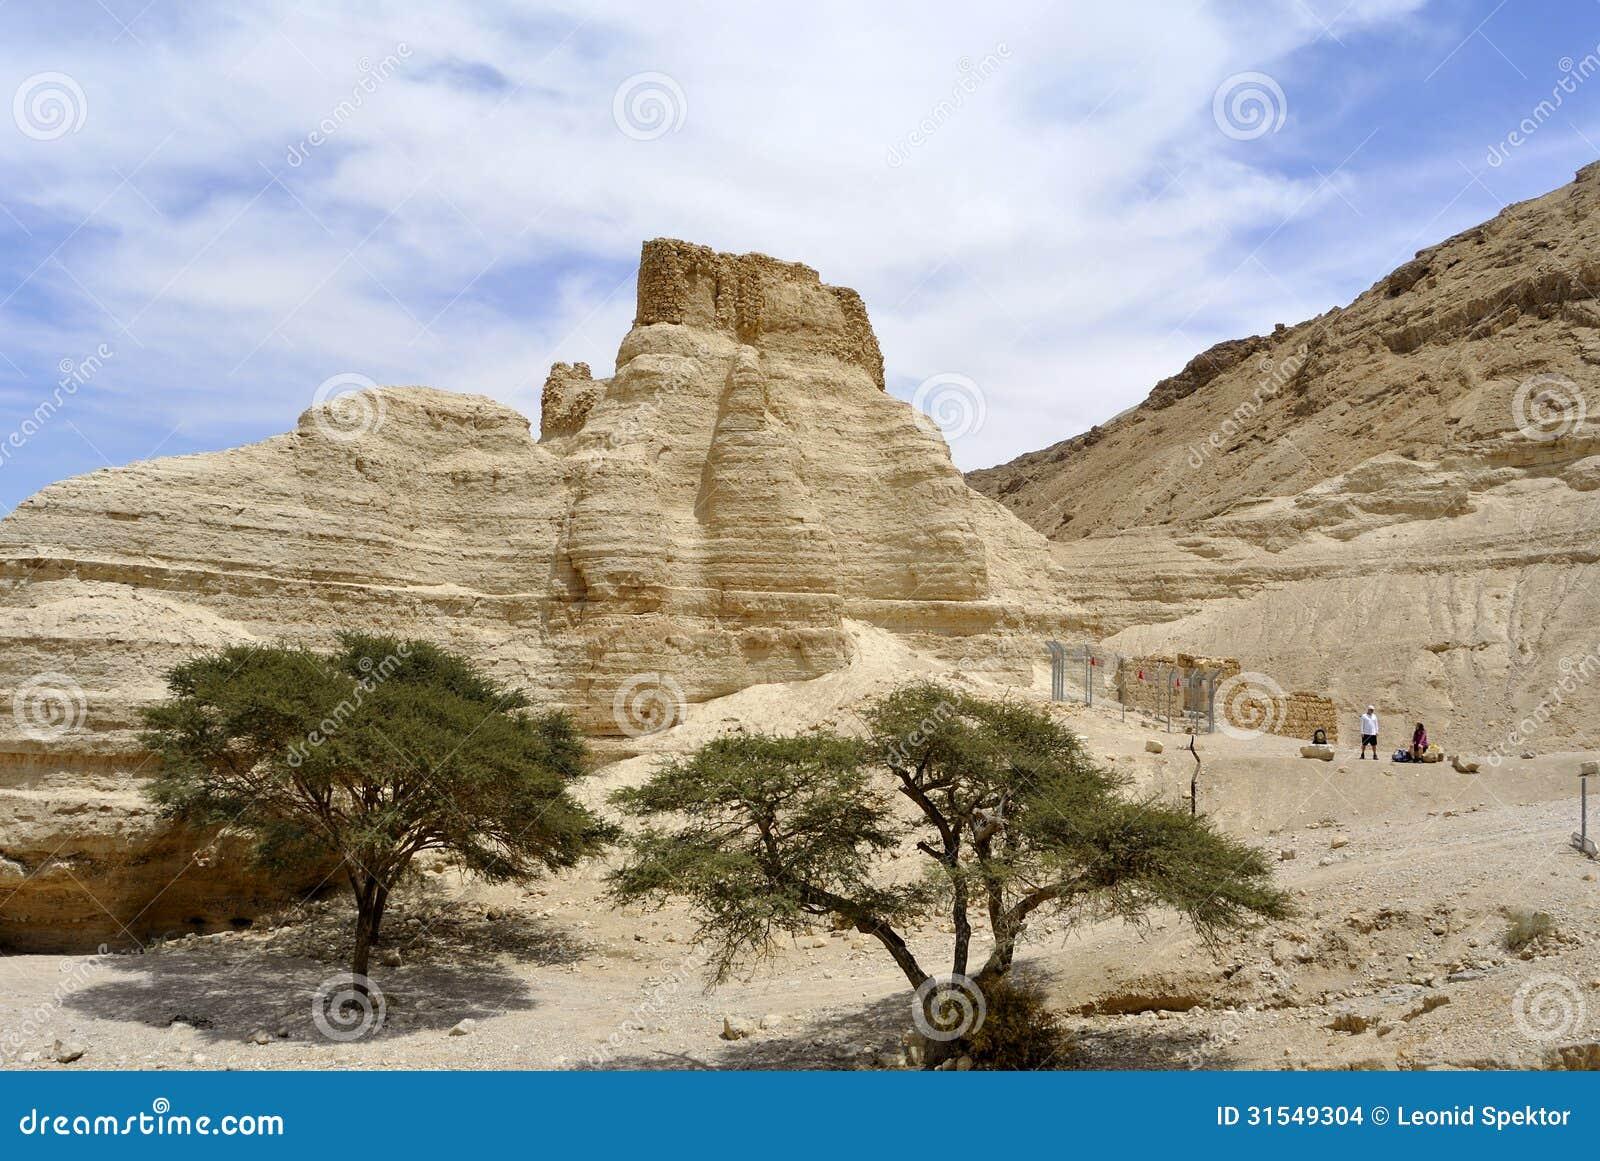 Fortaleza de Zohar en el desierto de Judea.